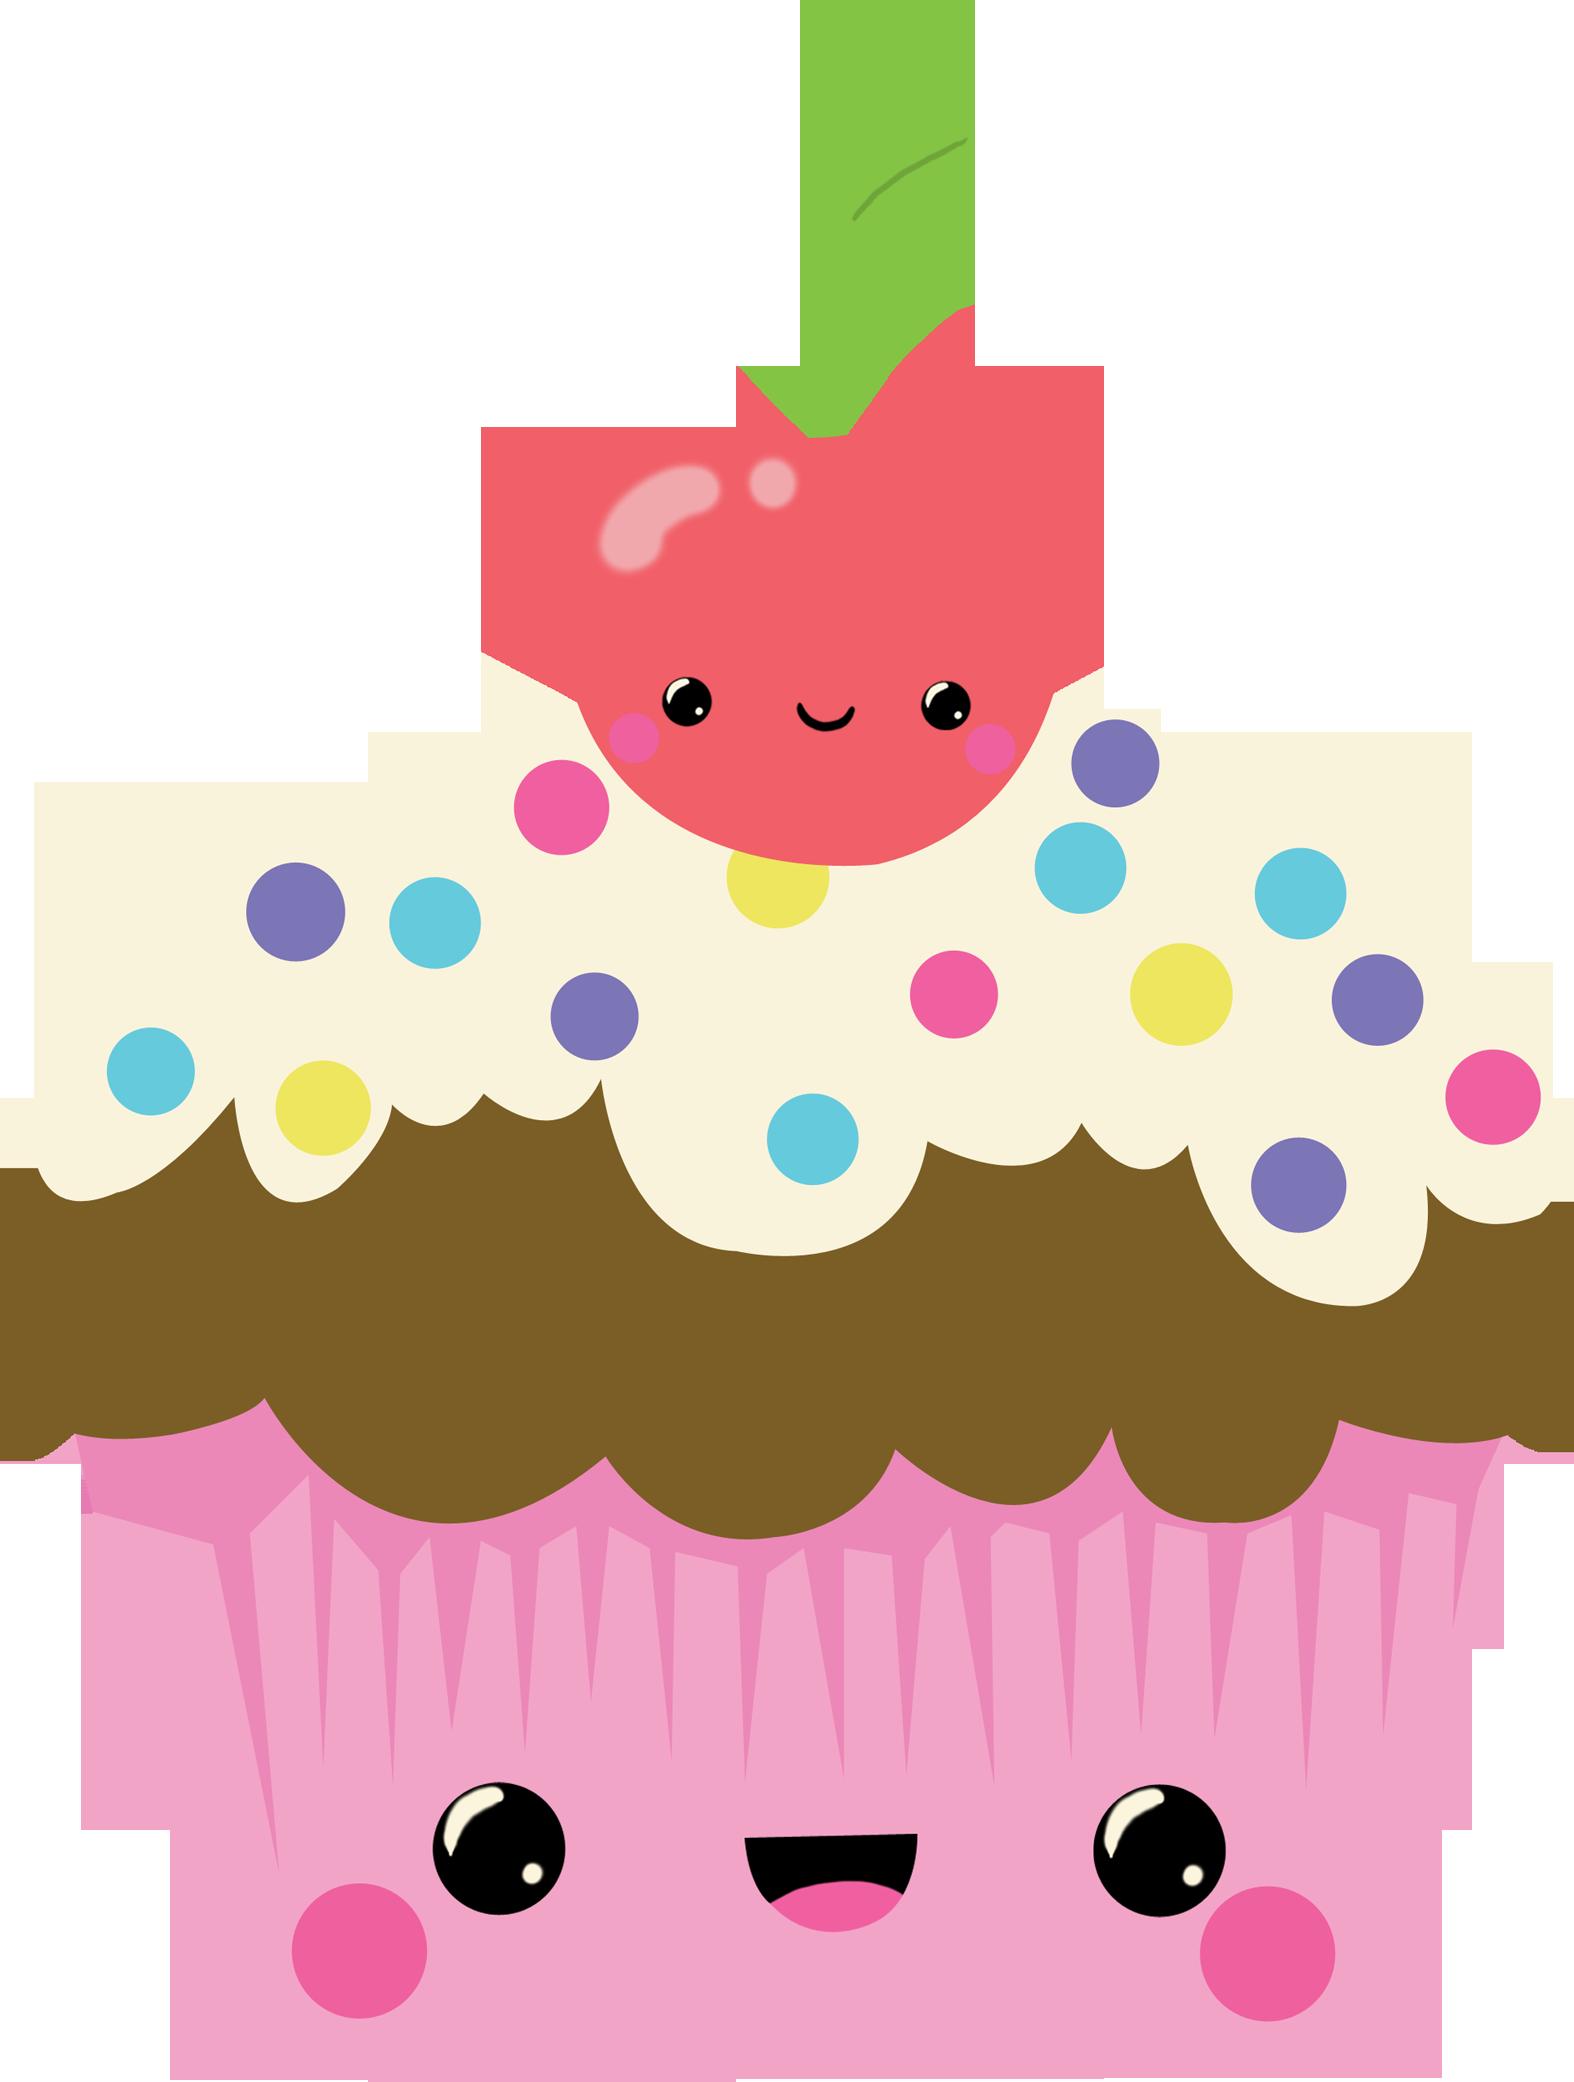 Cute Muffin PNG - 79632